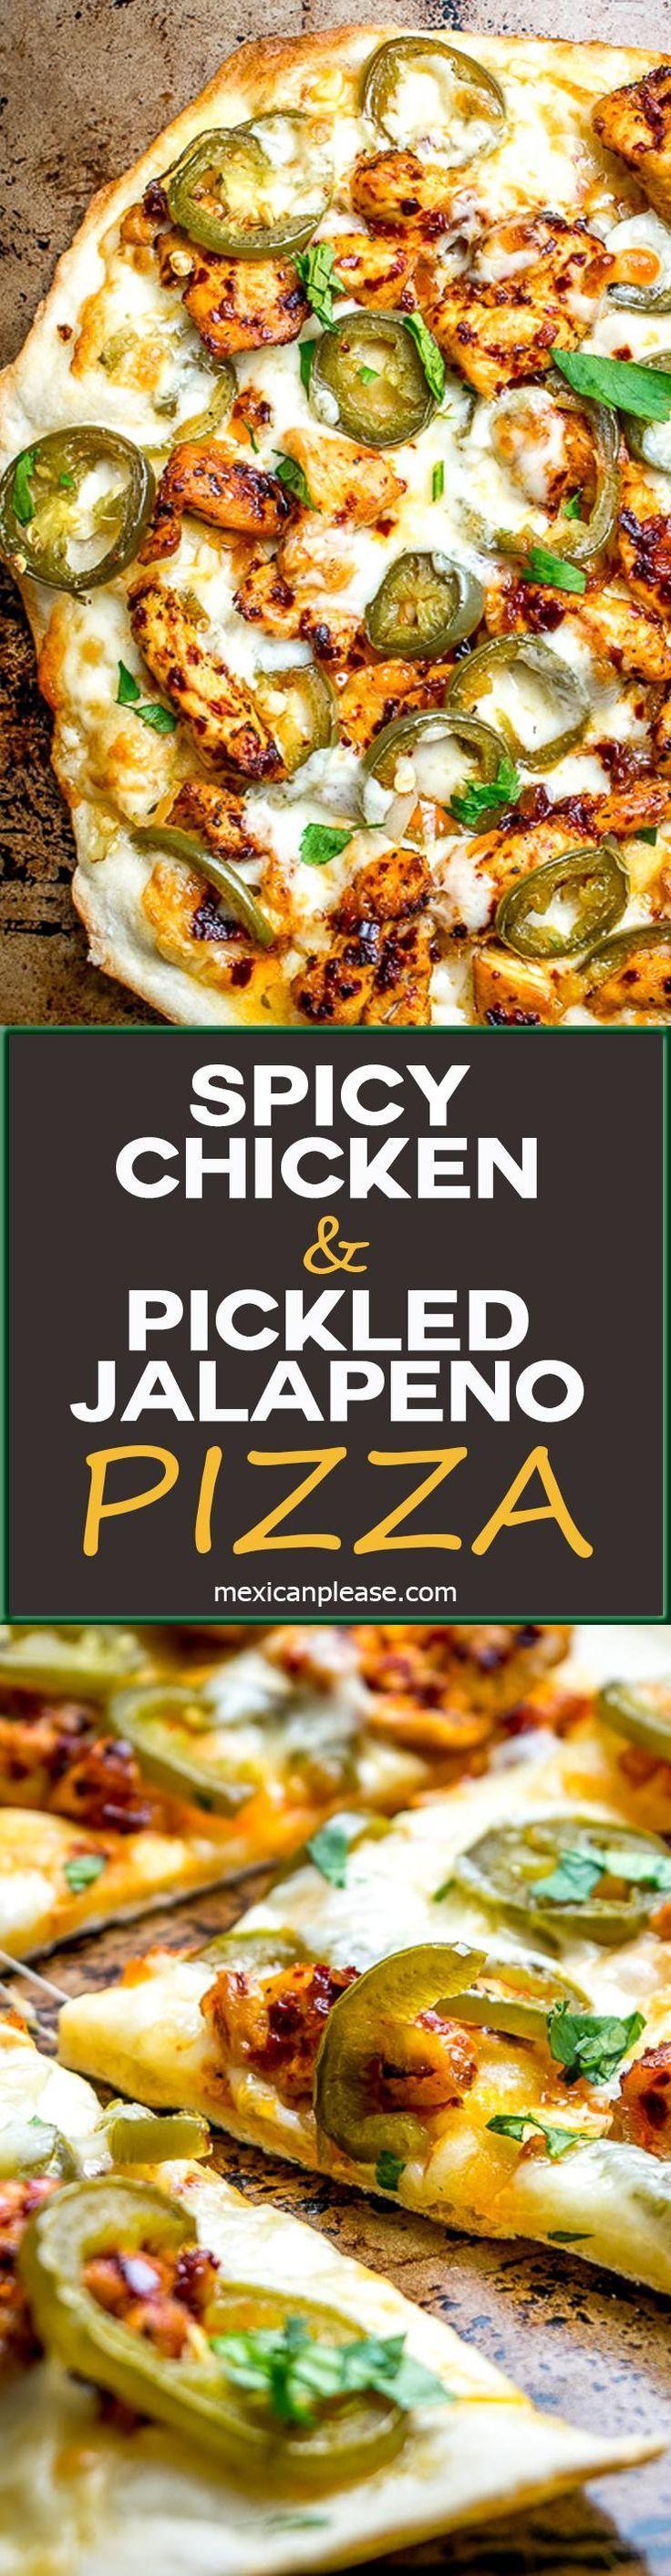 Diese würzige Pizza mit Hühnchen und eingelegtem Jalapeno ist das perfekte Beispiel für mexikanische …